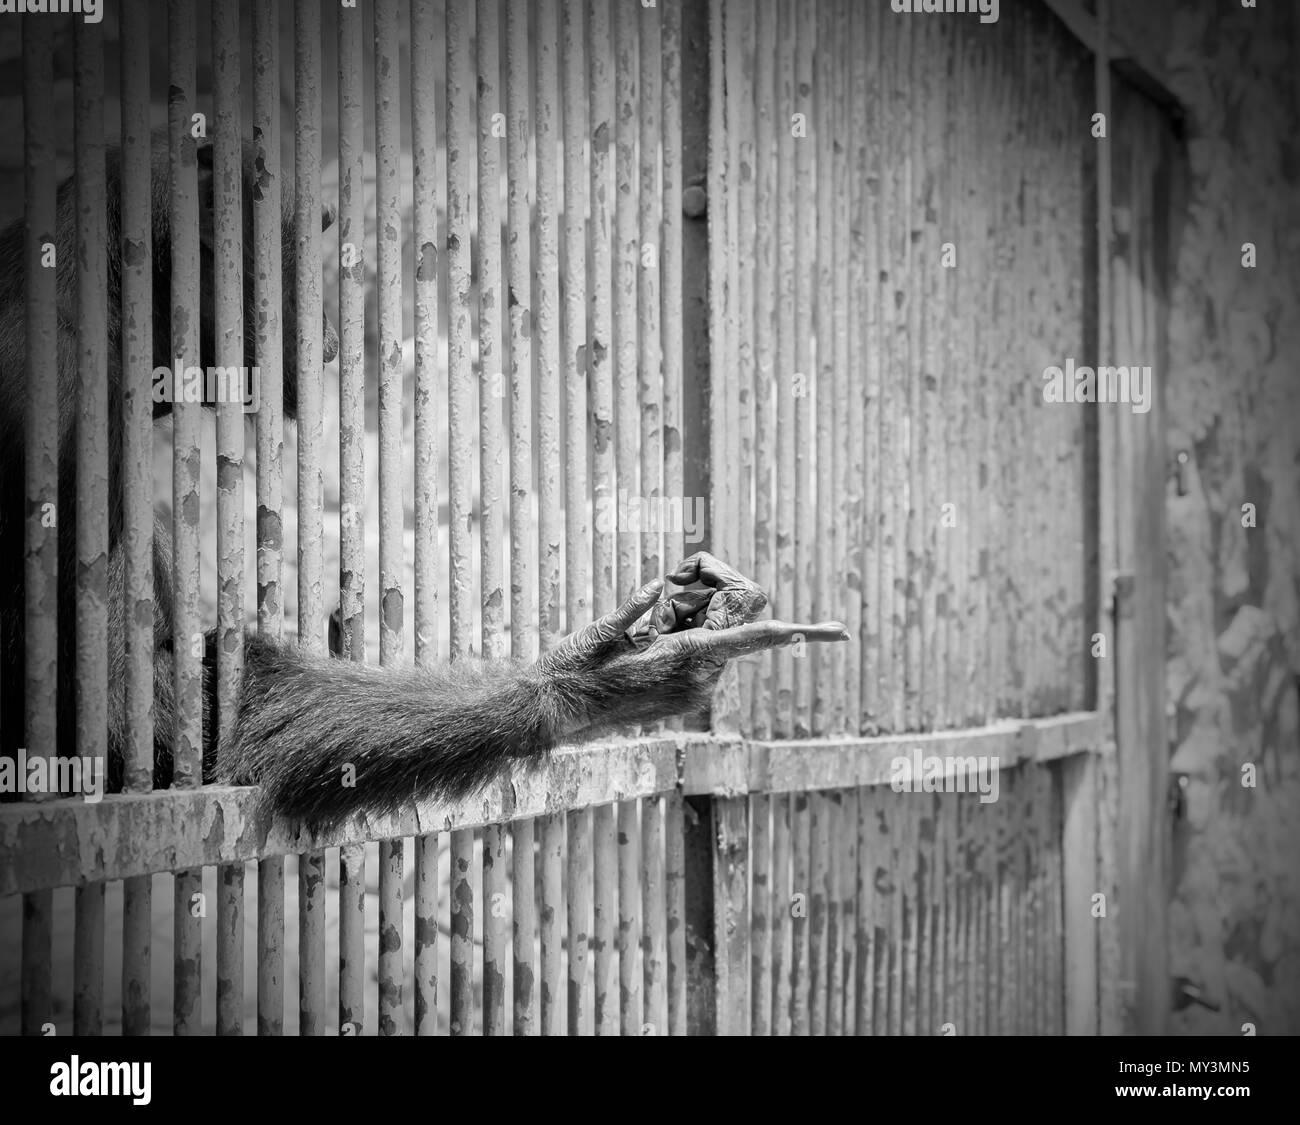 Monkey bras étendu de cage. Ton noir et blanc. Le commerce illégal des espèces sauvages. Photo Stock